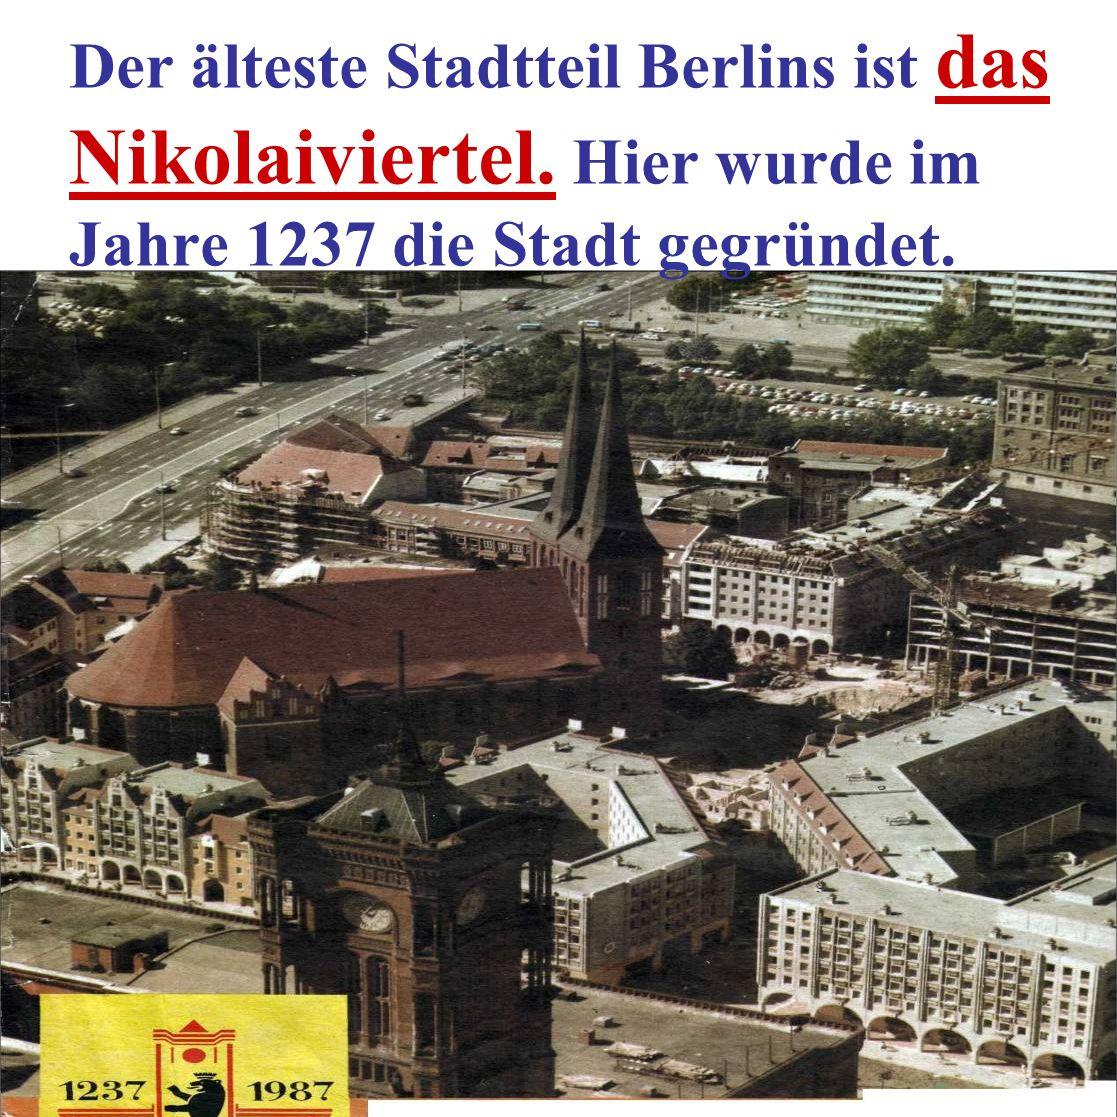 Der älteste Stadtteil Berlins ist das Nikolaiviertel. Hier wurde im Jahre 1237 die Stadt gegründet.